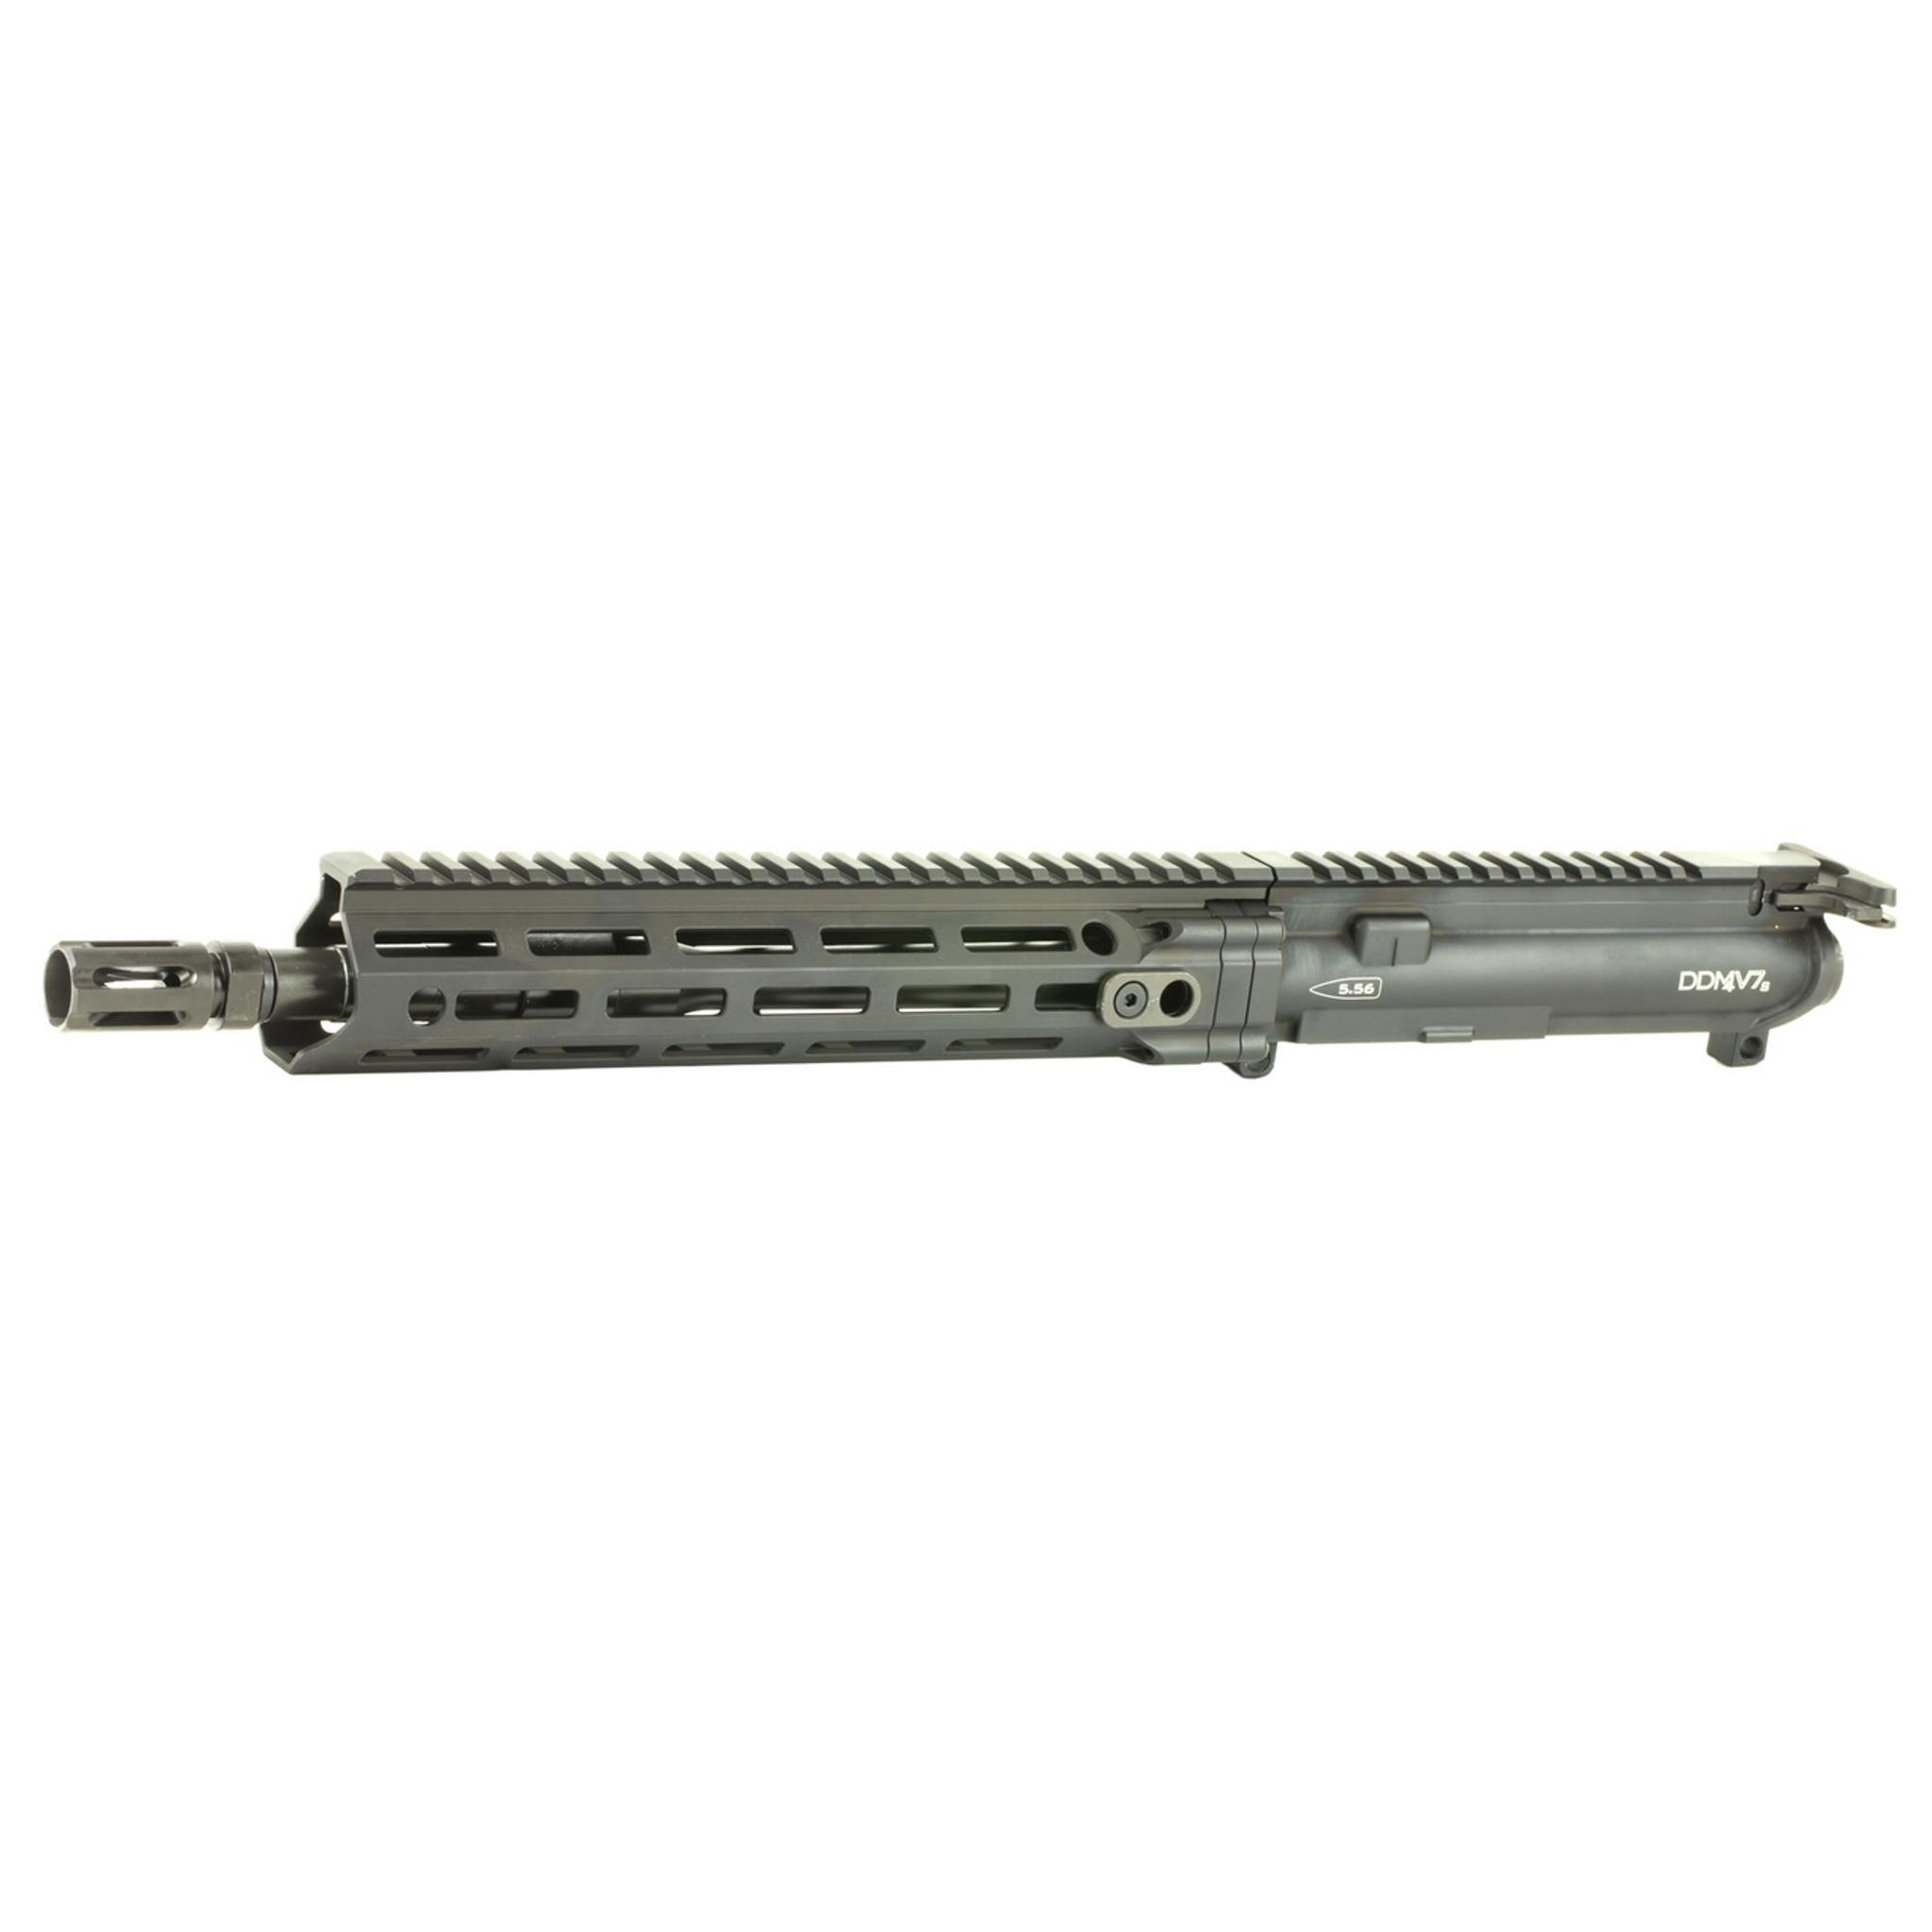 8d08af988194 Daniel Defense DDM4V7S 5.56mm NATO Upper Receiver Group - 11.5